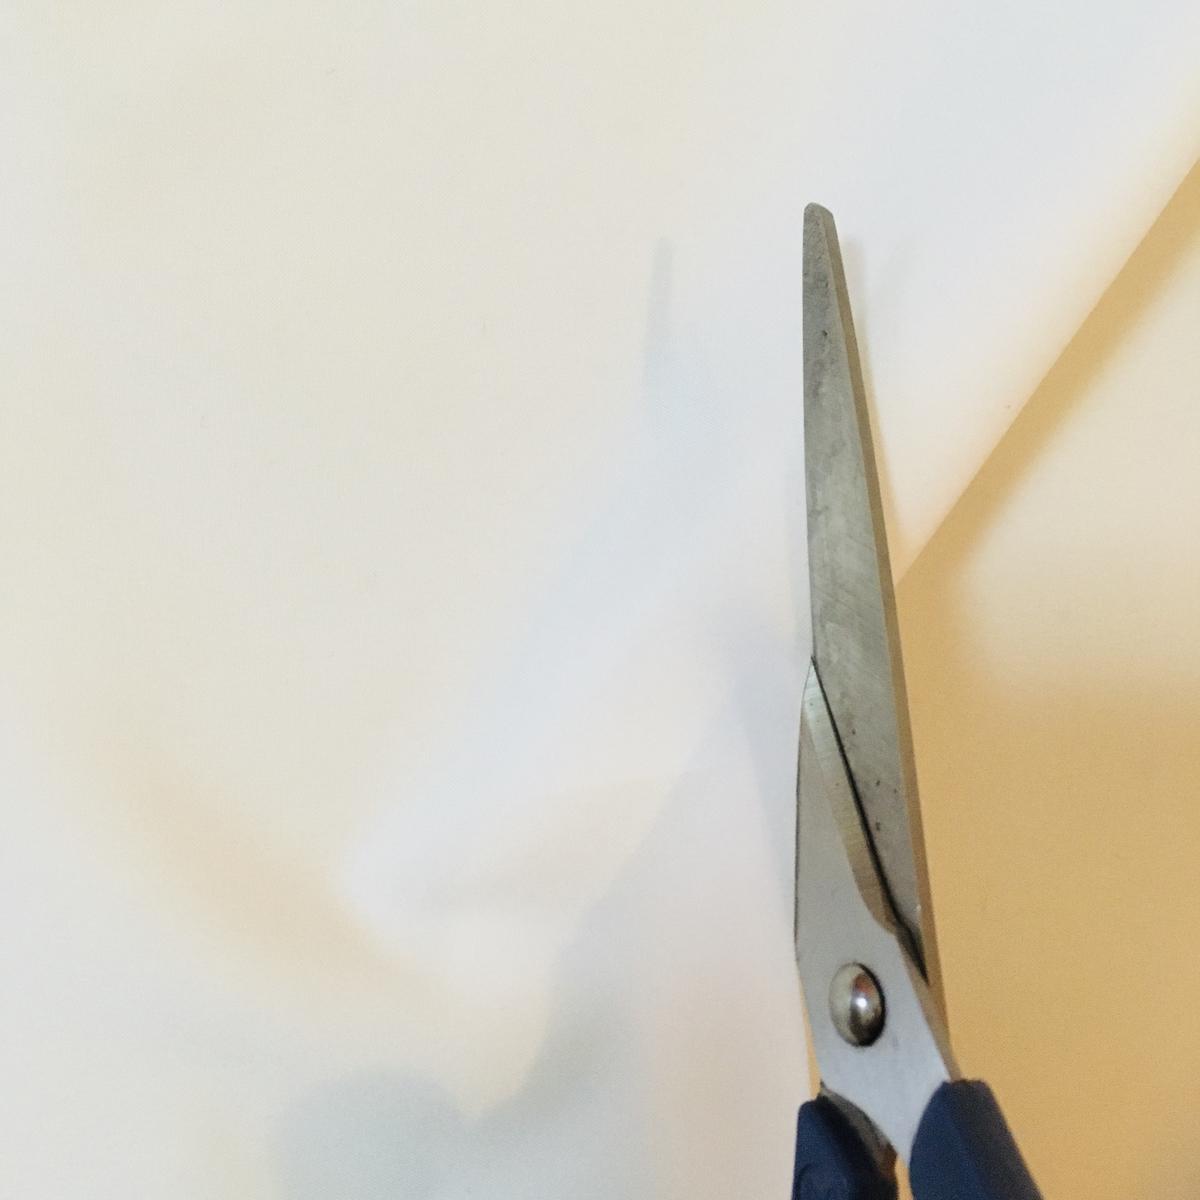 ハサミでダイソーの白いハギレを切っていく